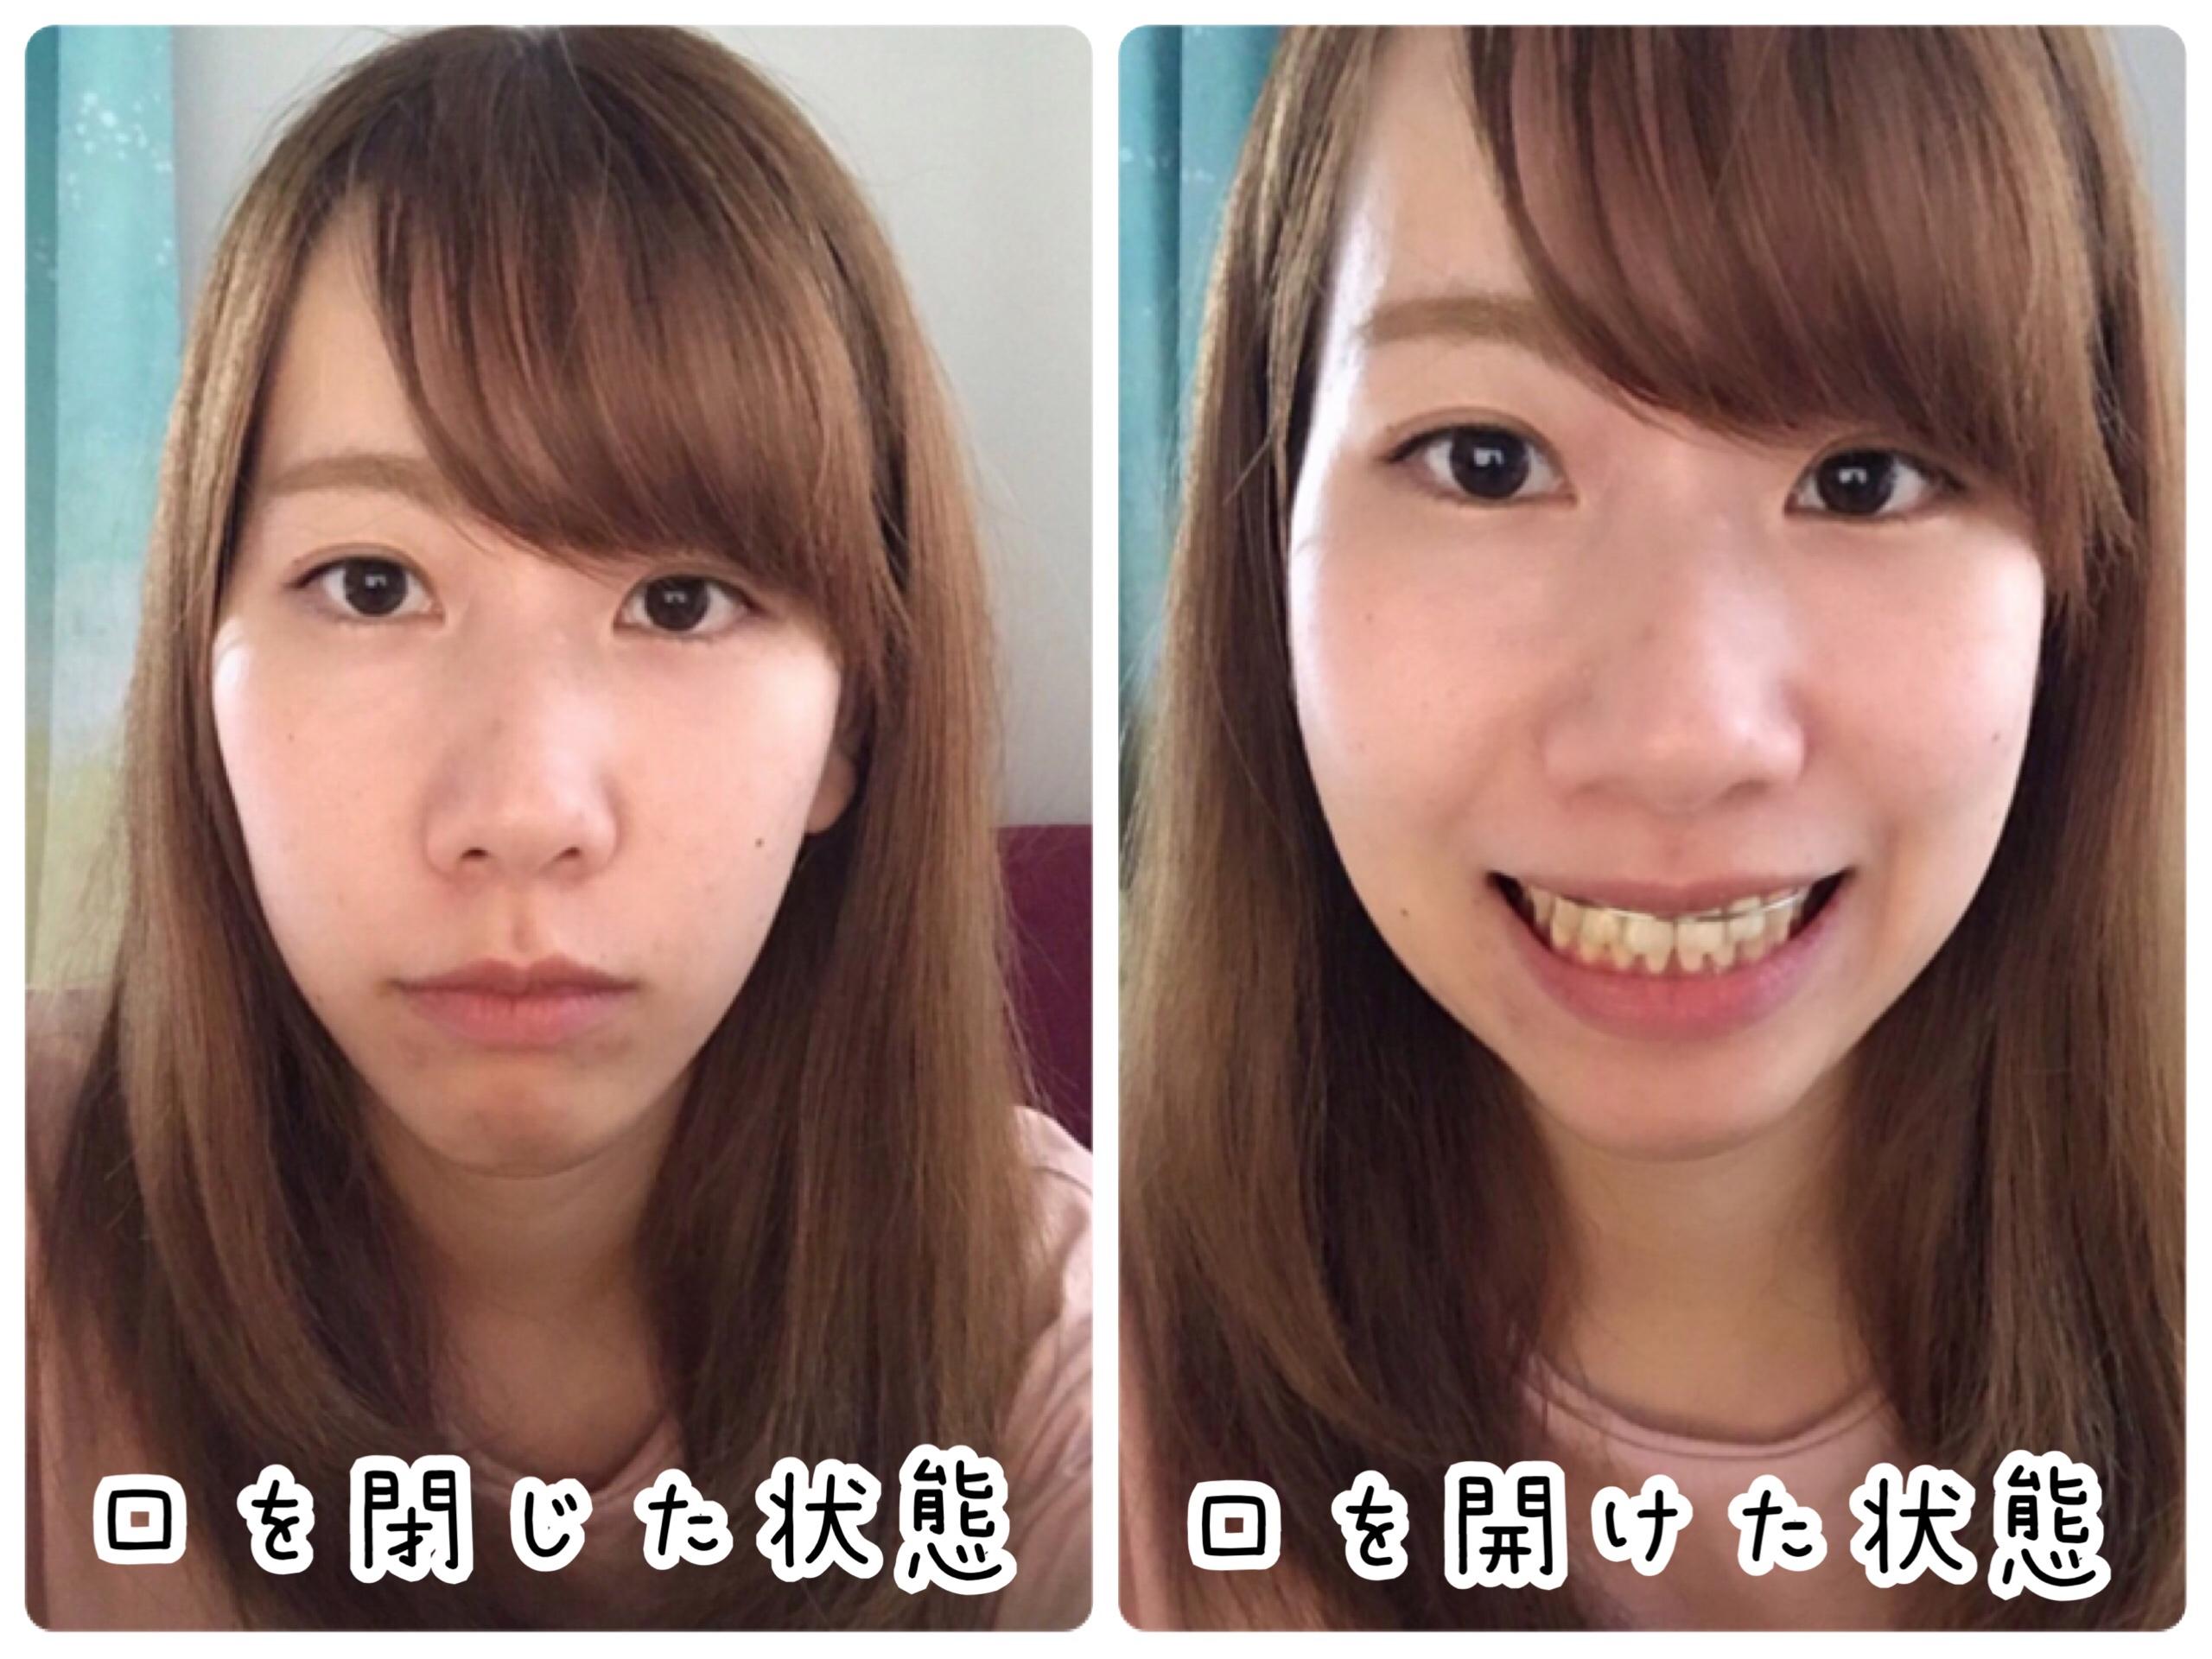 ブラケットオフ 顔の変化